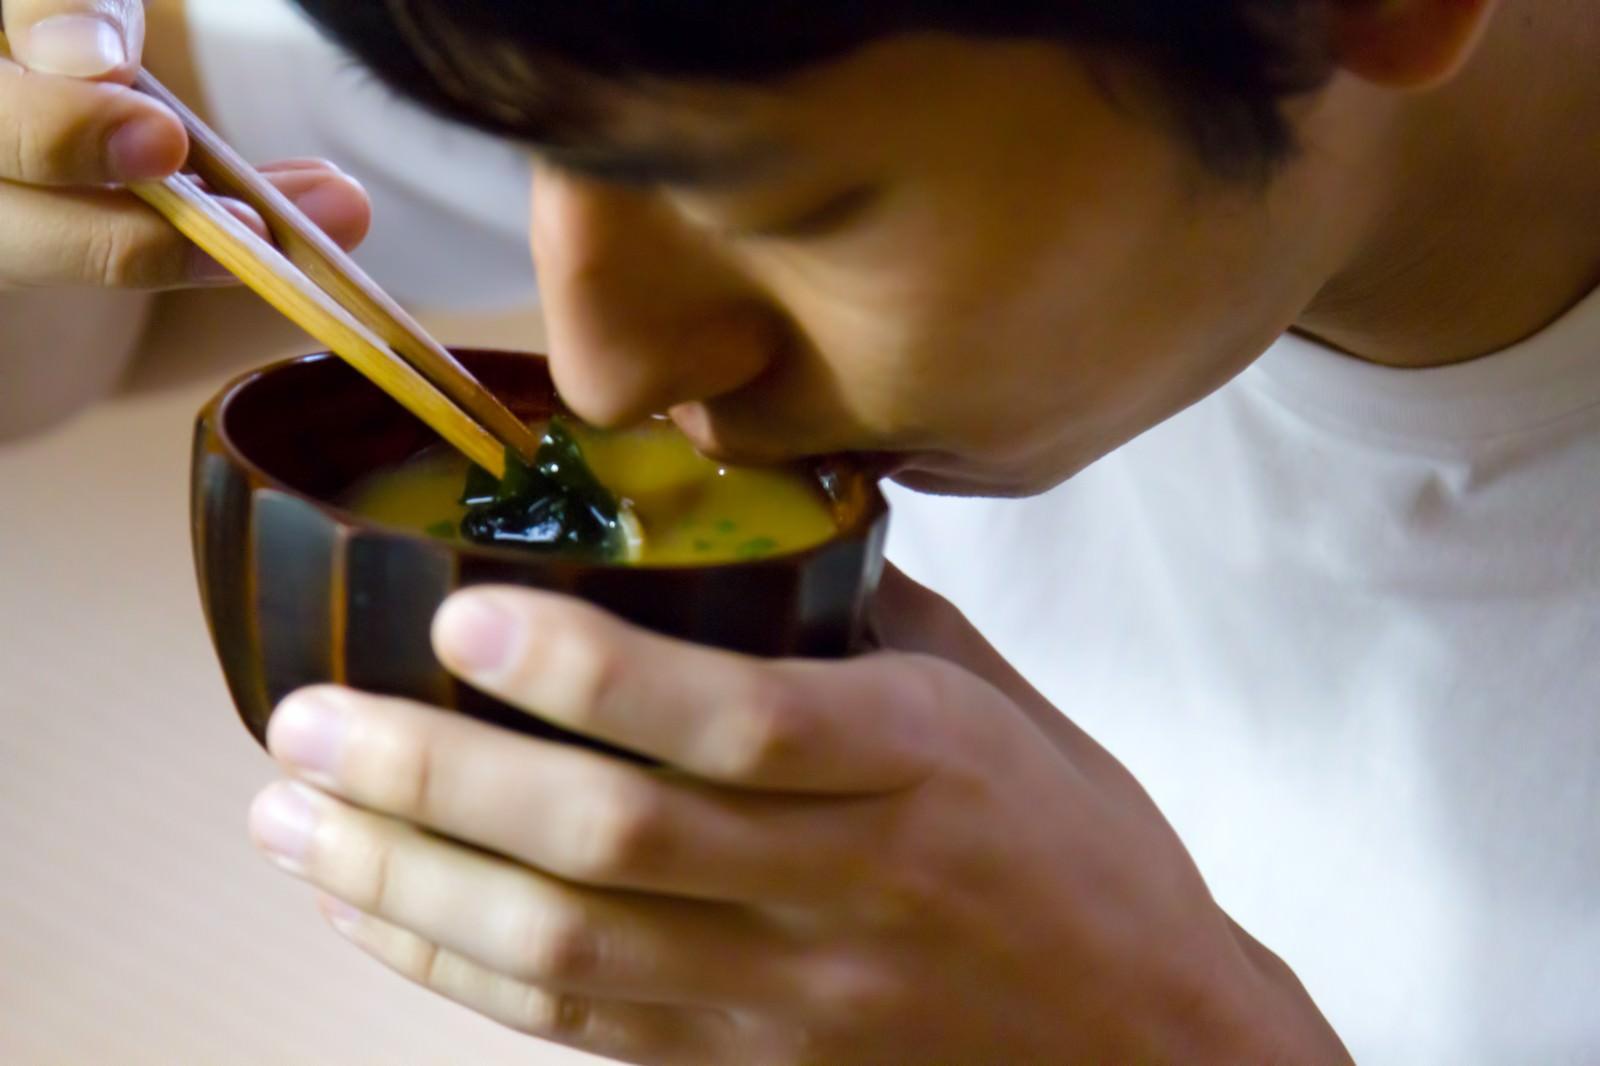 「お味噌汁をすする男性」の写真[モデル:大川竜弥]